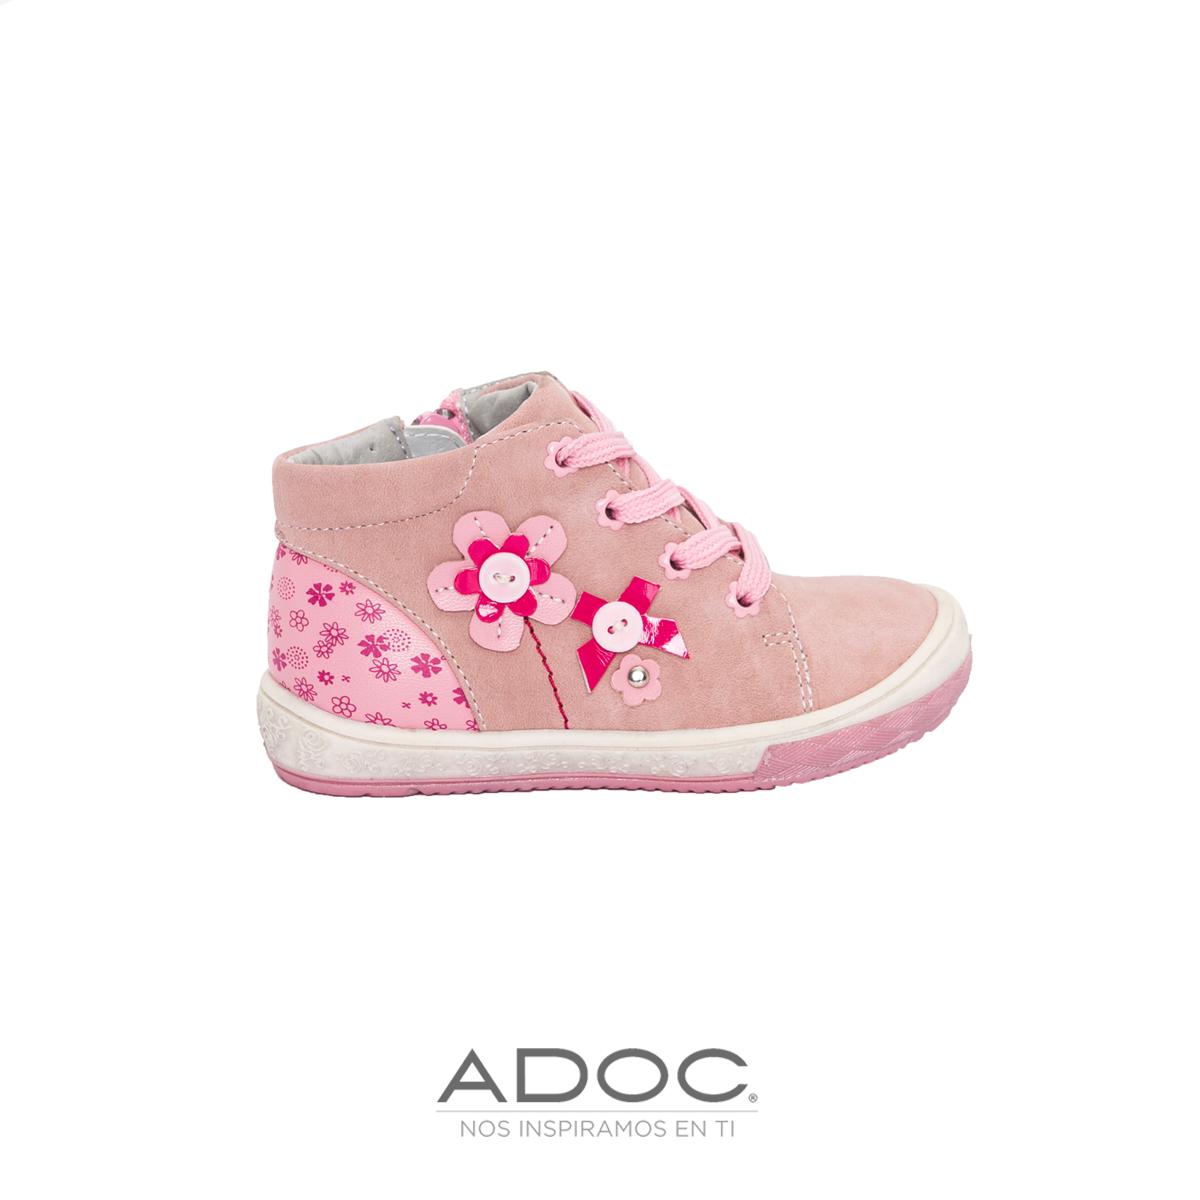 129ac85bcaf24 Zapatos Libiz para niña disponibles en tiendas ADOC de Centroamérica.  Tallas disponibles de la 2-8